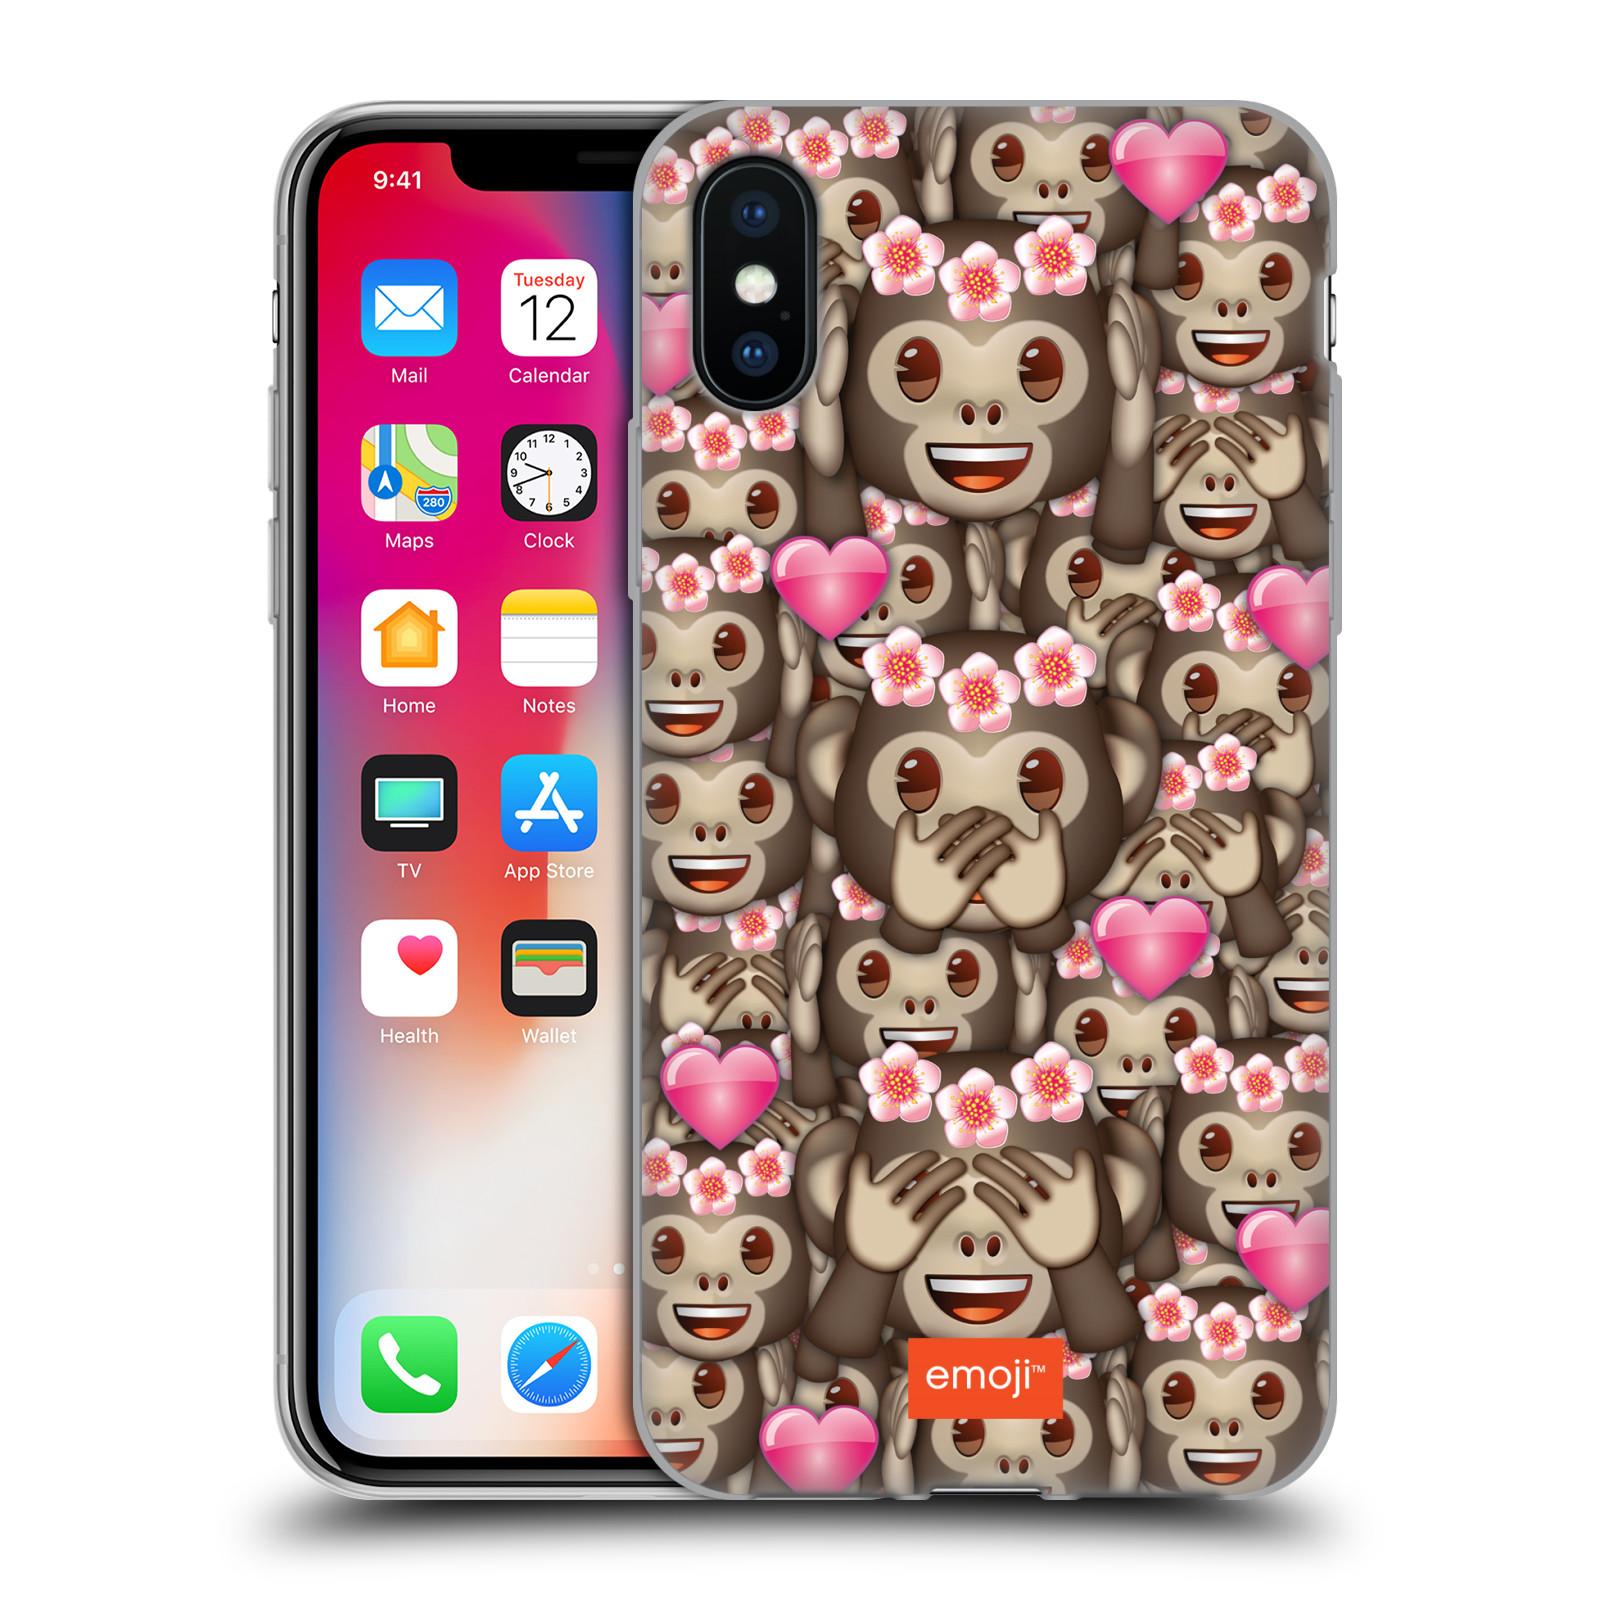 Silikonové pouzdro na mobil Apple iPhone XS - Head Case - EMOJI - Opičky, srdíčka a kytičky